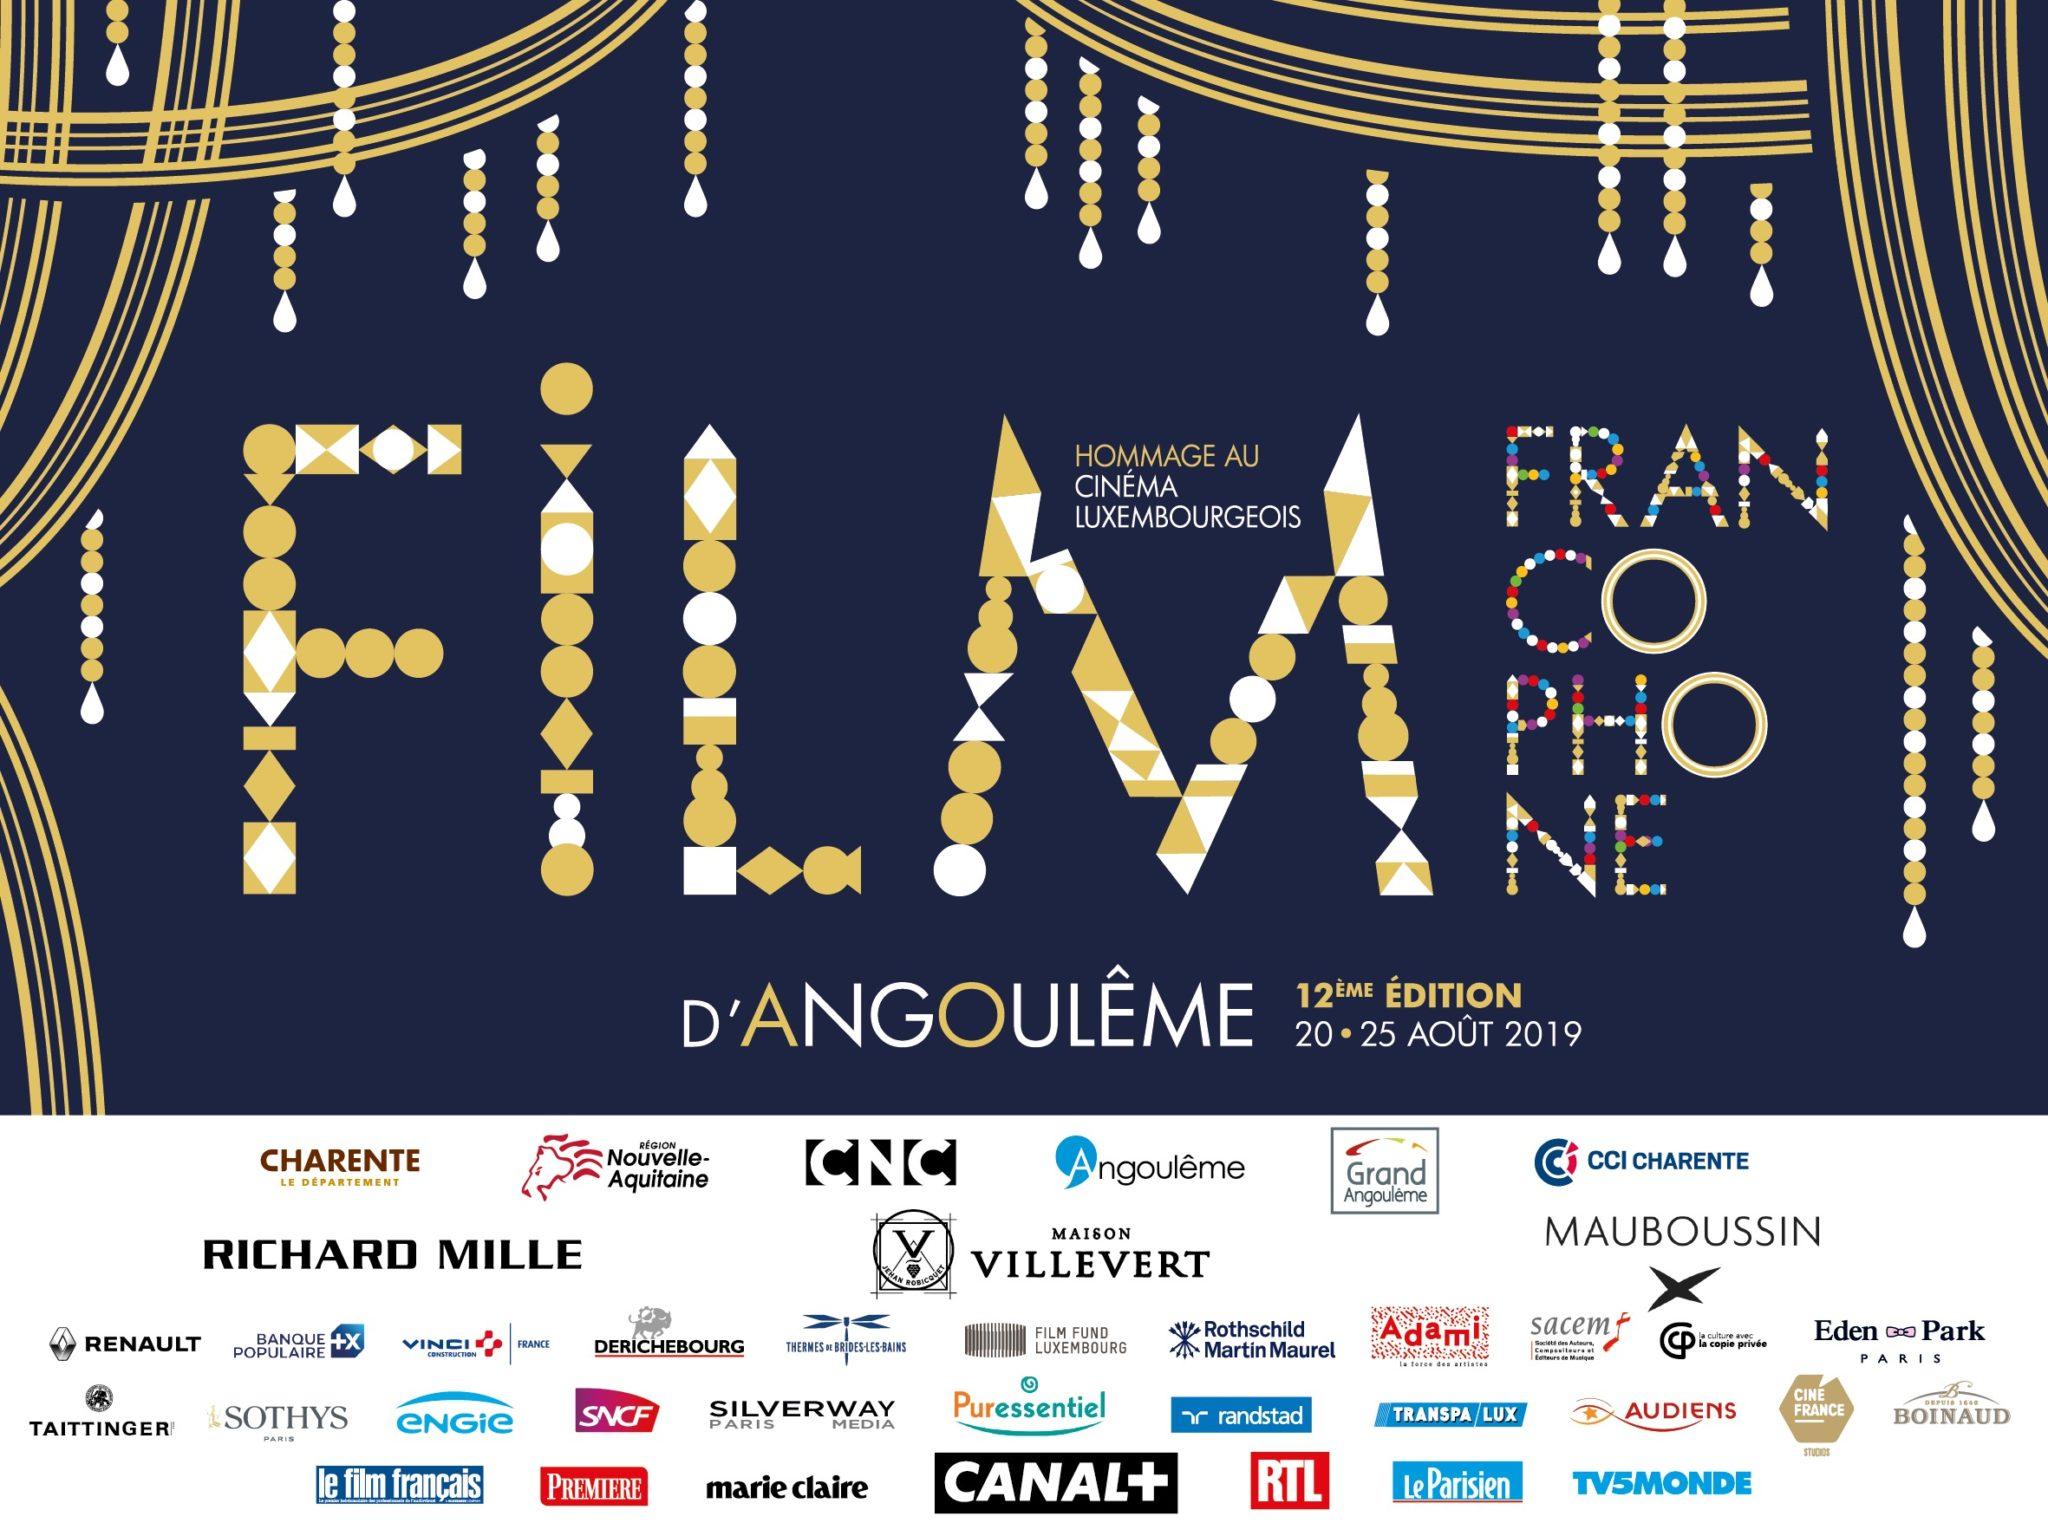 Le programme du Festival du Film Francophone d'Angoulême 2019 1 image